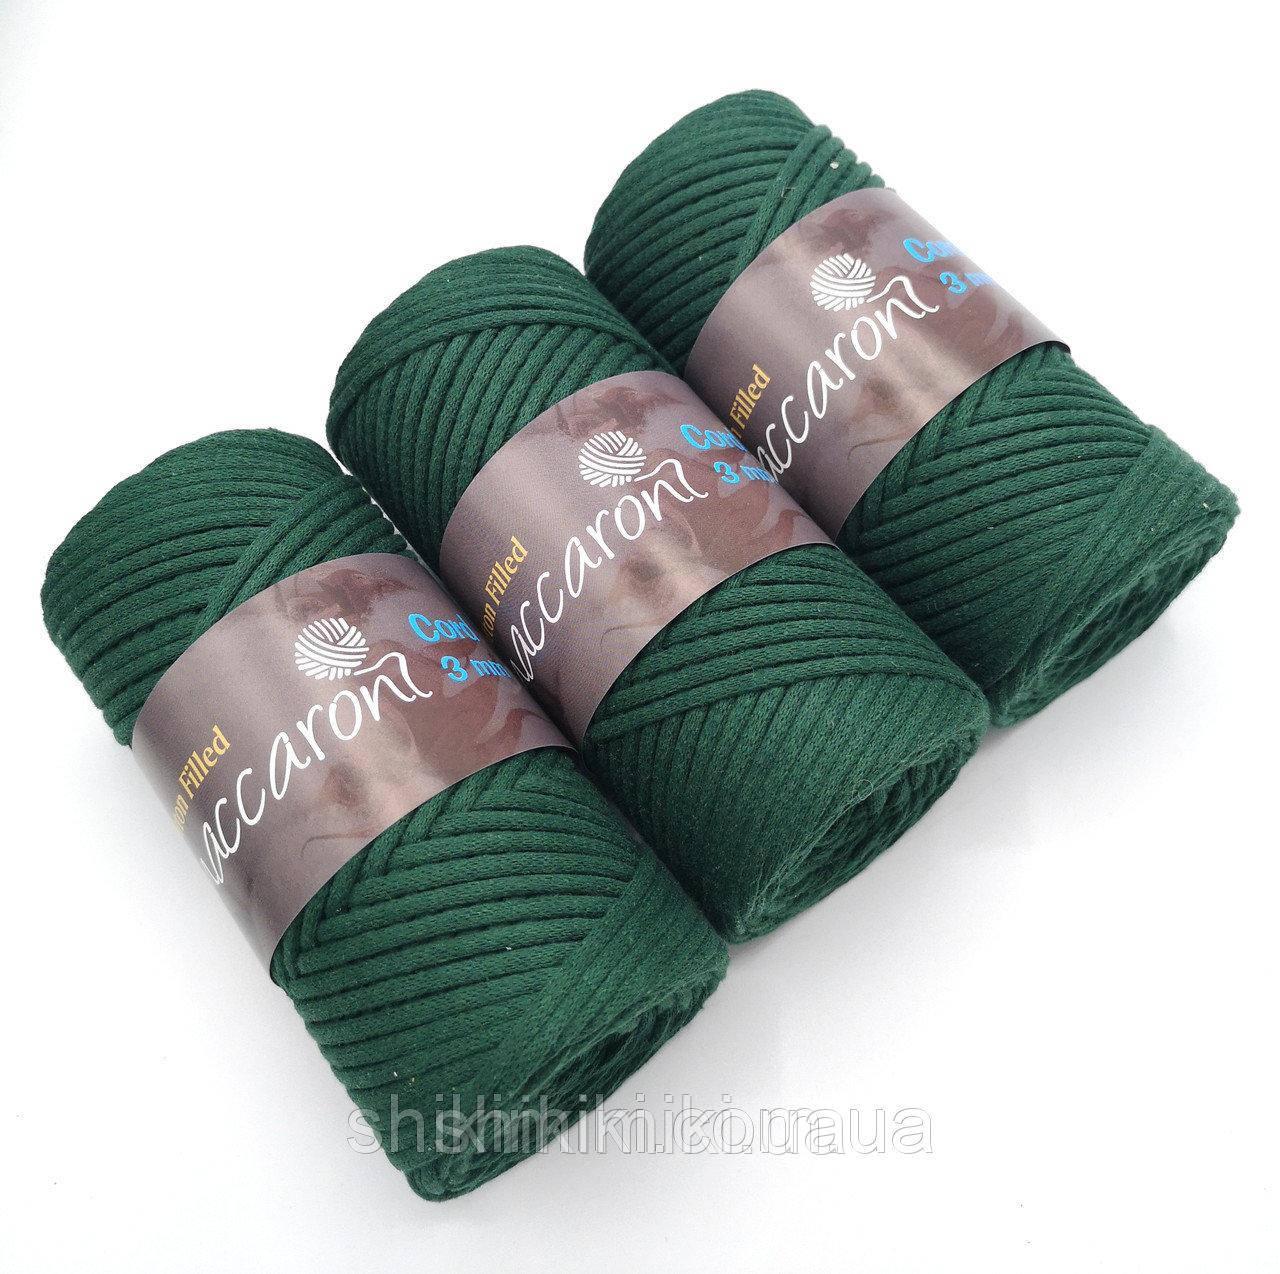 Трикотажный хлопковый шнур Cotton Filled 3 мм, цвет Изумруд